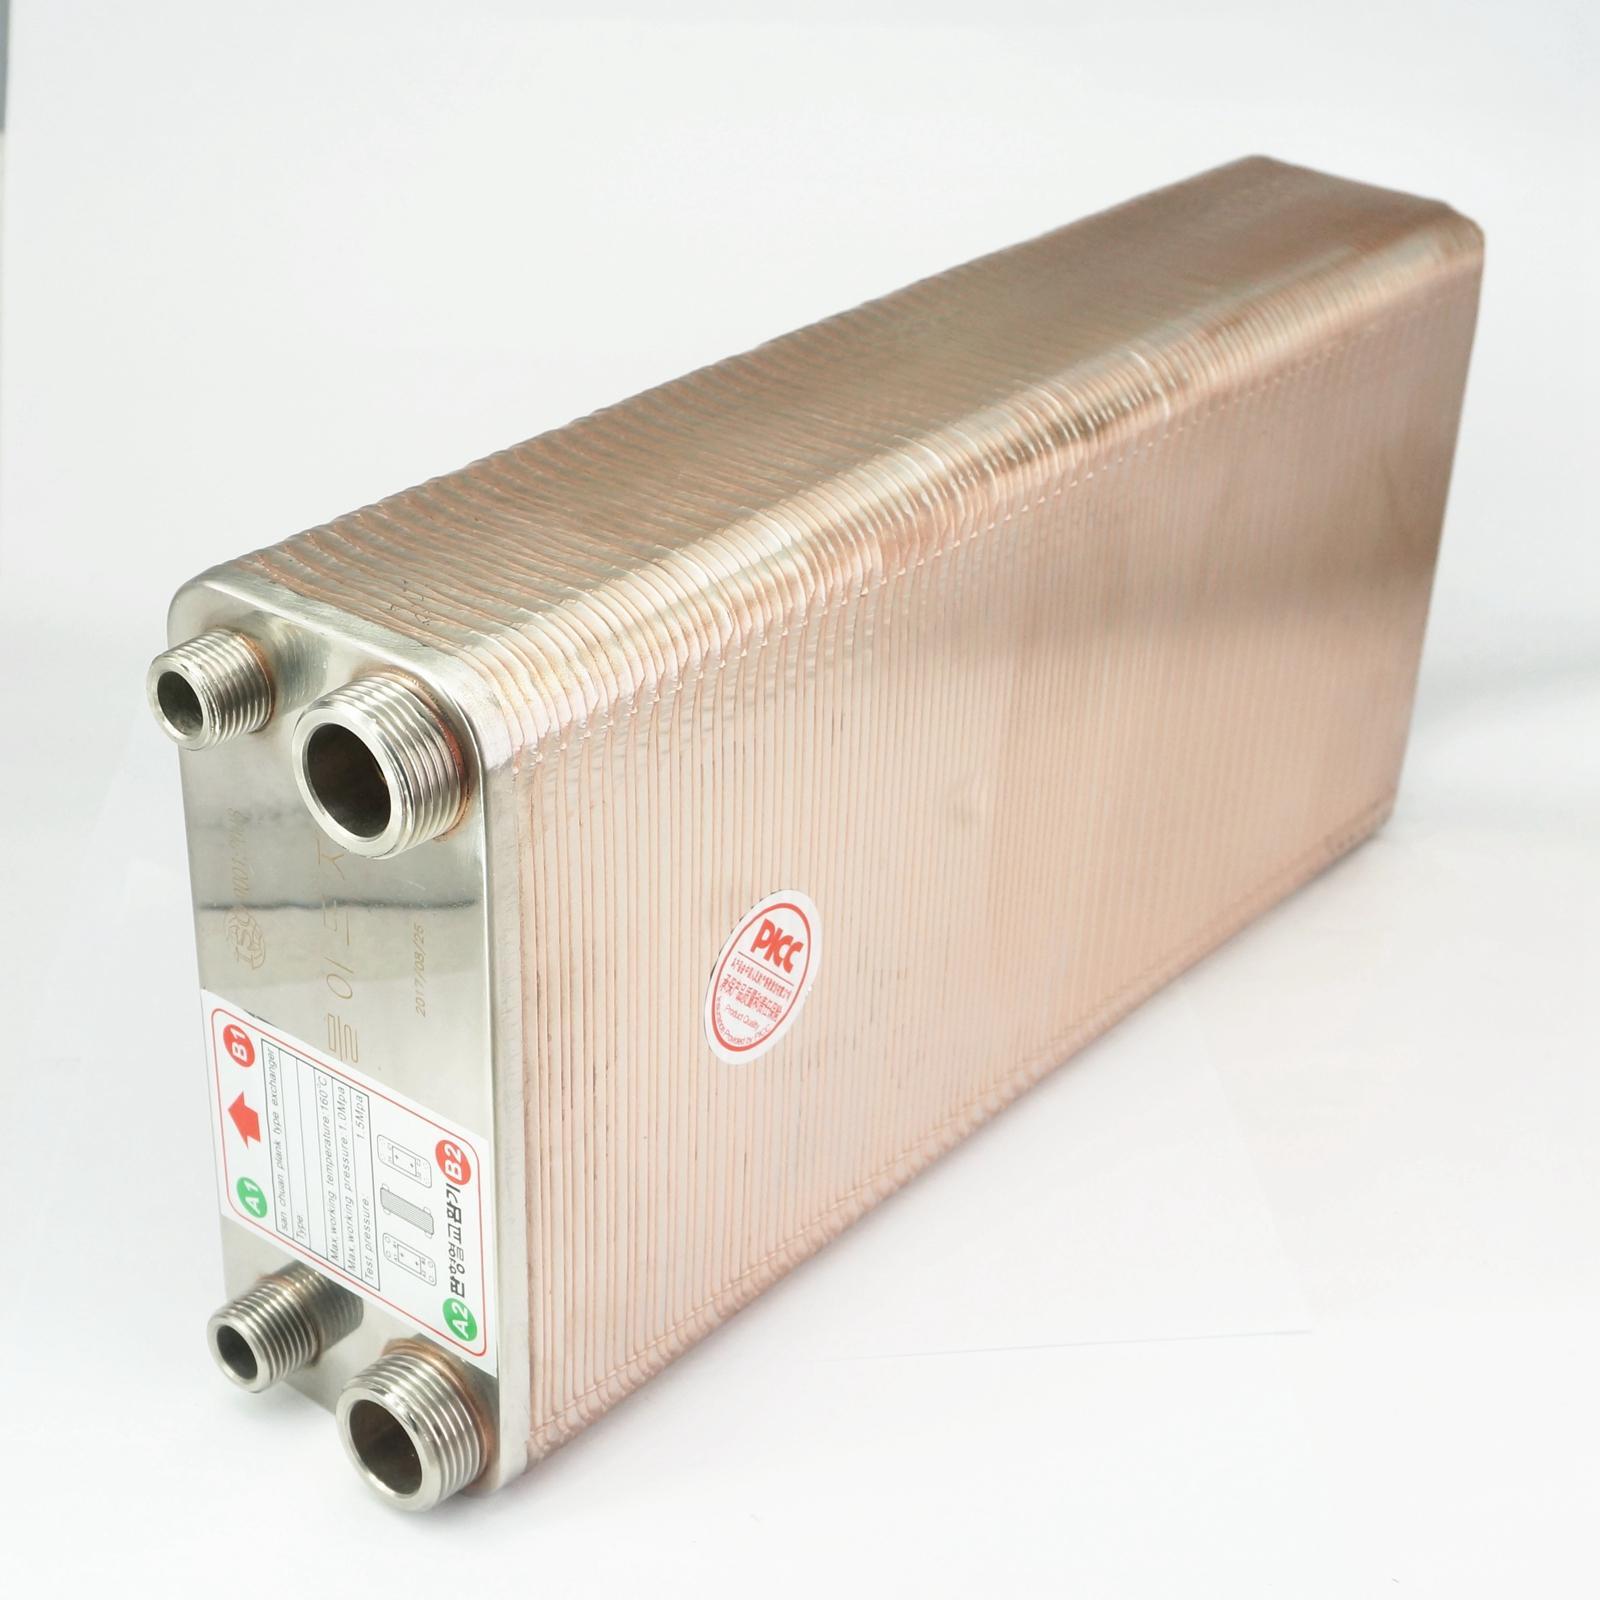 120 plaques échangeur de chaleur bière moût refroidisseur refroidisseur 304 acier inoxydable pour la bière de brassage à la maison